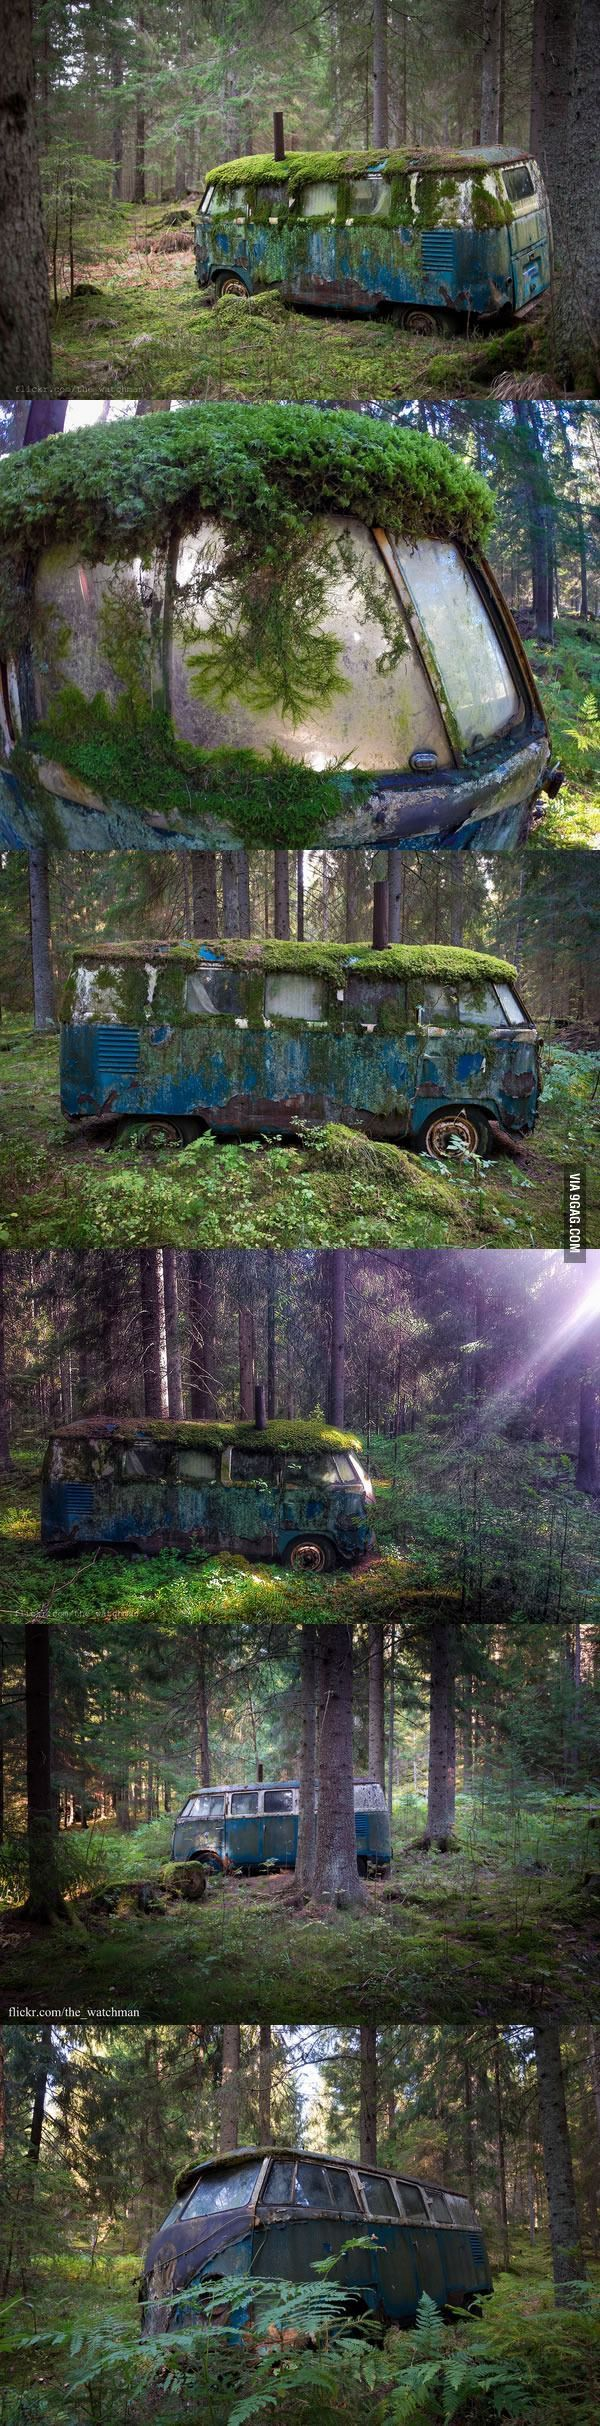 Cuando la naturaleza recobra el mundo - Abandoned VW van/camper. Looks cool #LugaresParaVisitar